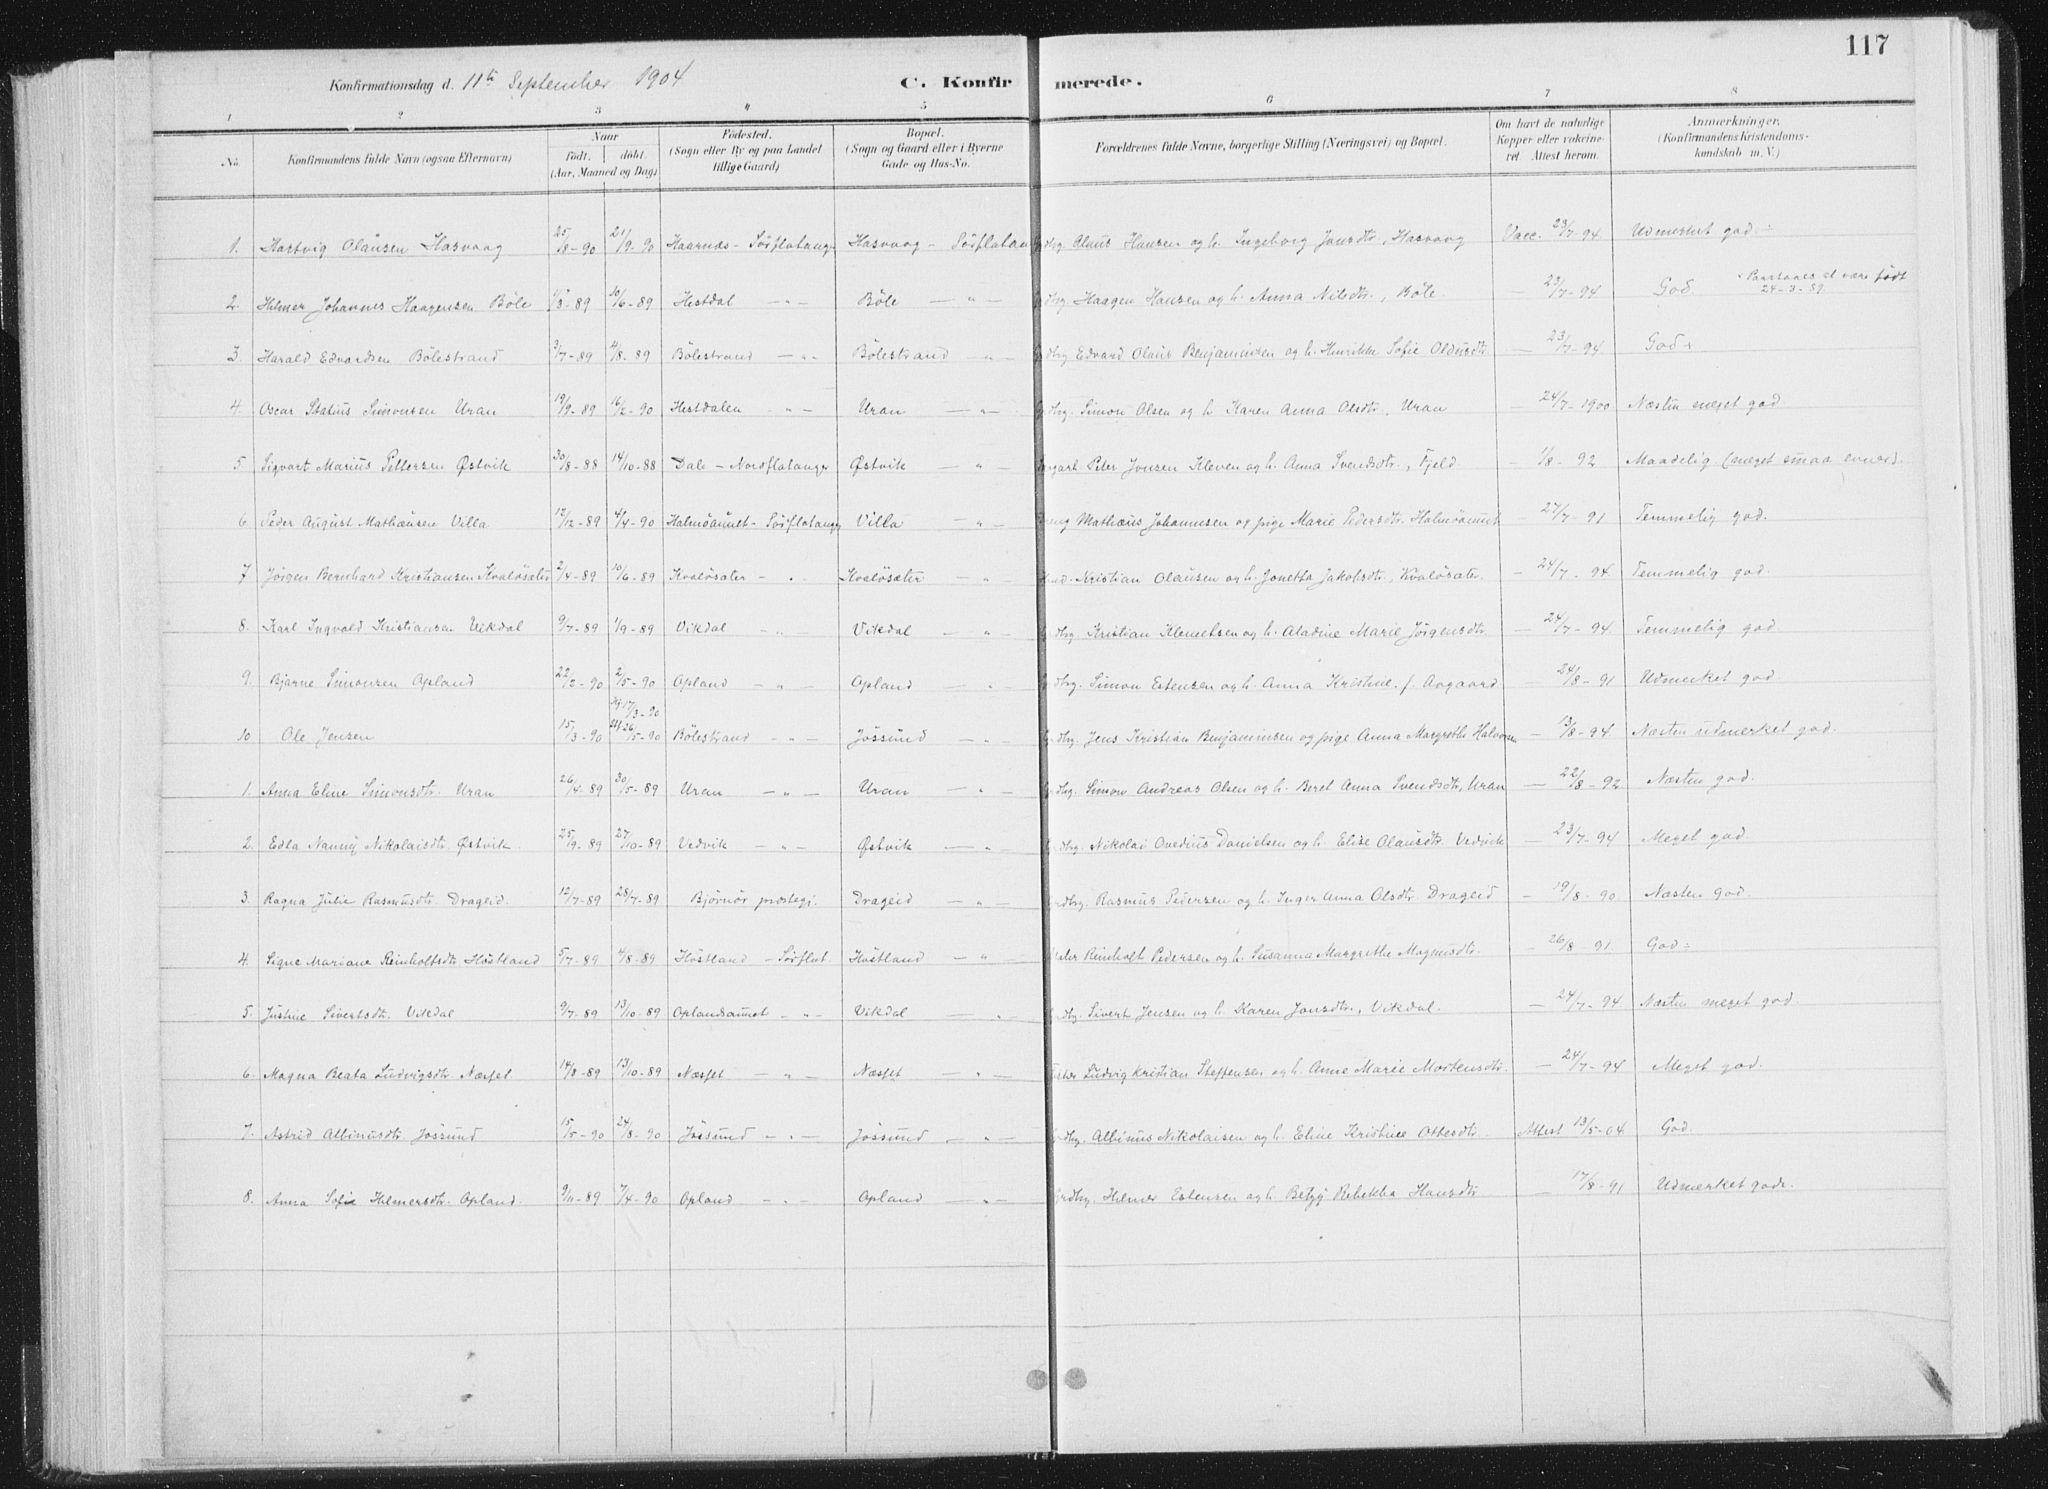 SAT, Ministerialprotokoller, klokkerbøker og fødselsregistre - Nord-Trøndelag, 771/L0597: Ministerialbok nr. 771A04, 1885-1910, s. 117